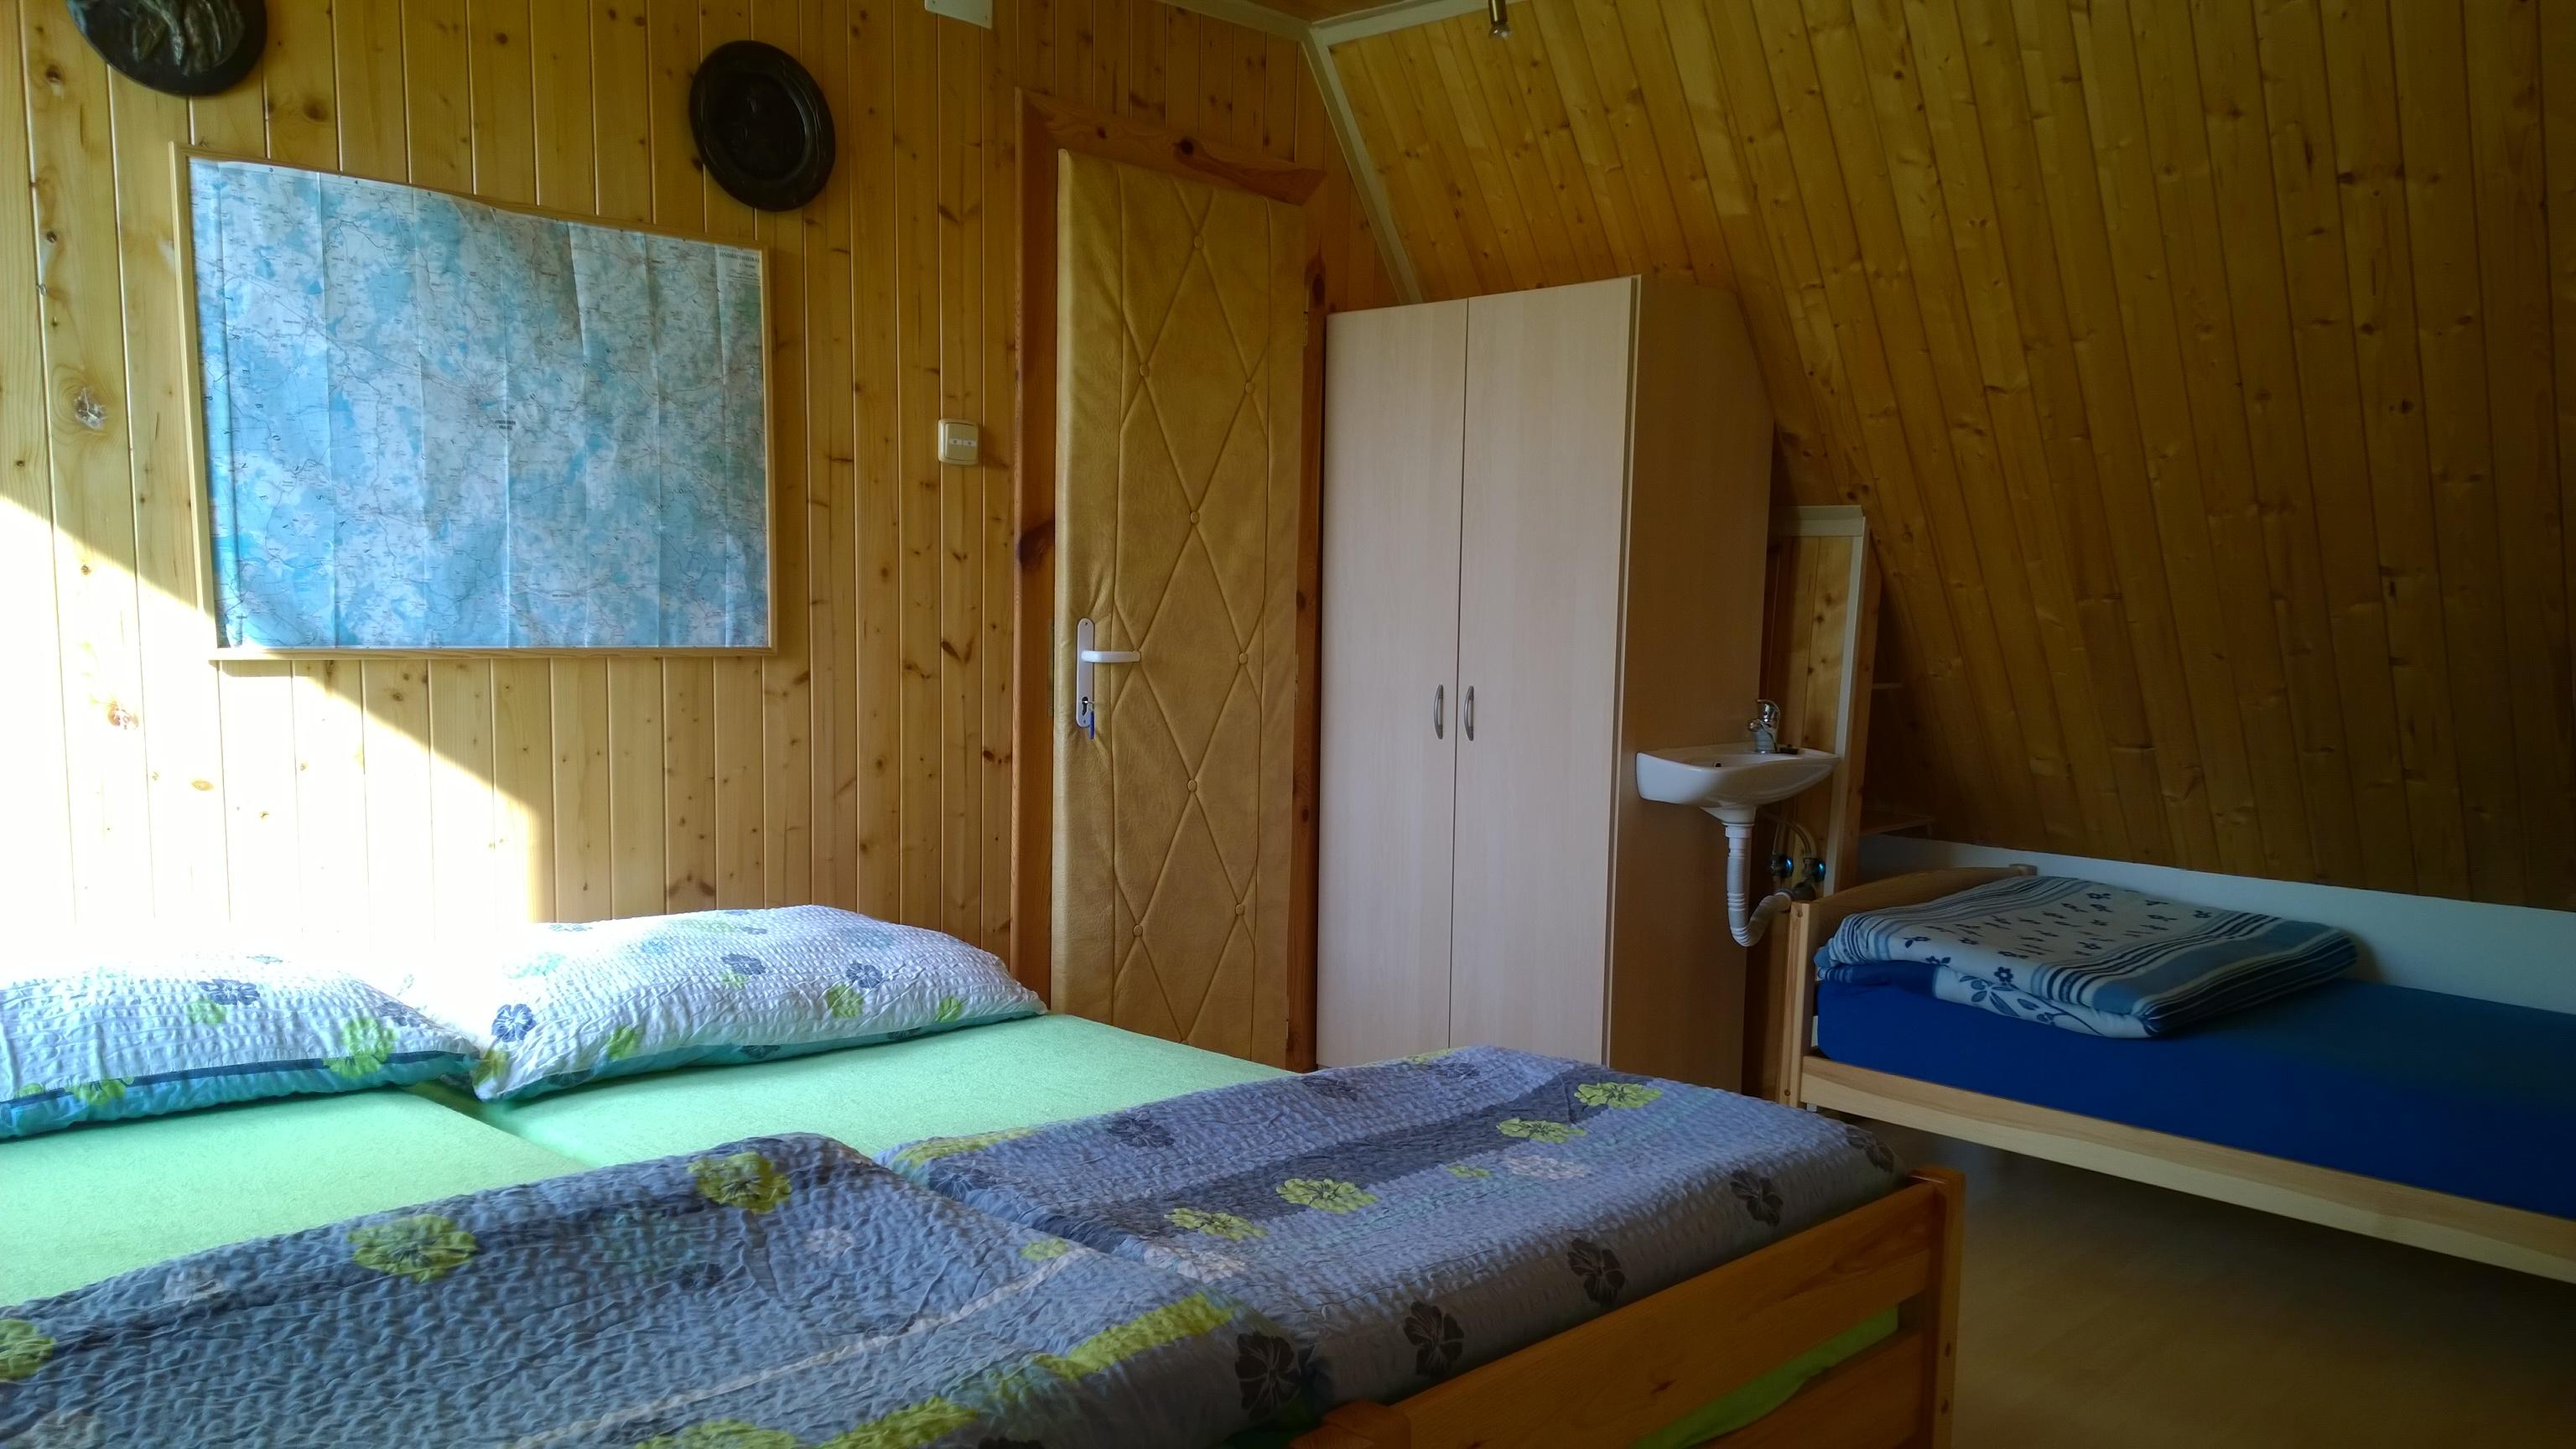 ap. C větší ložnice, vstup od ap